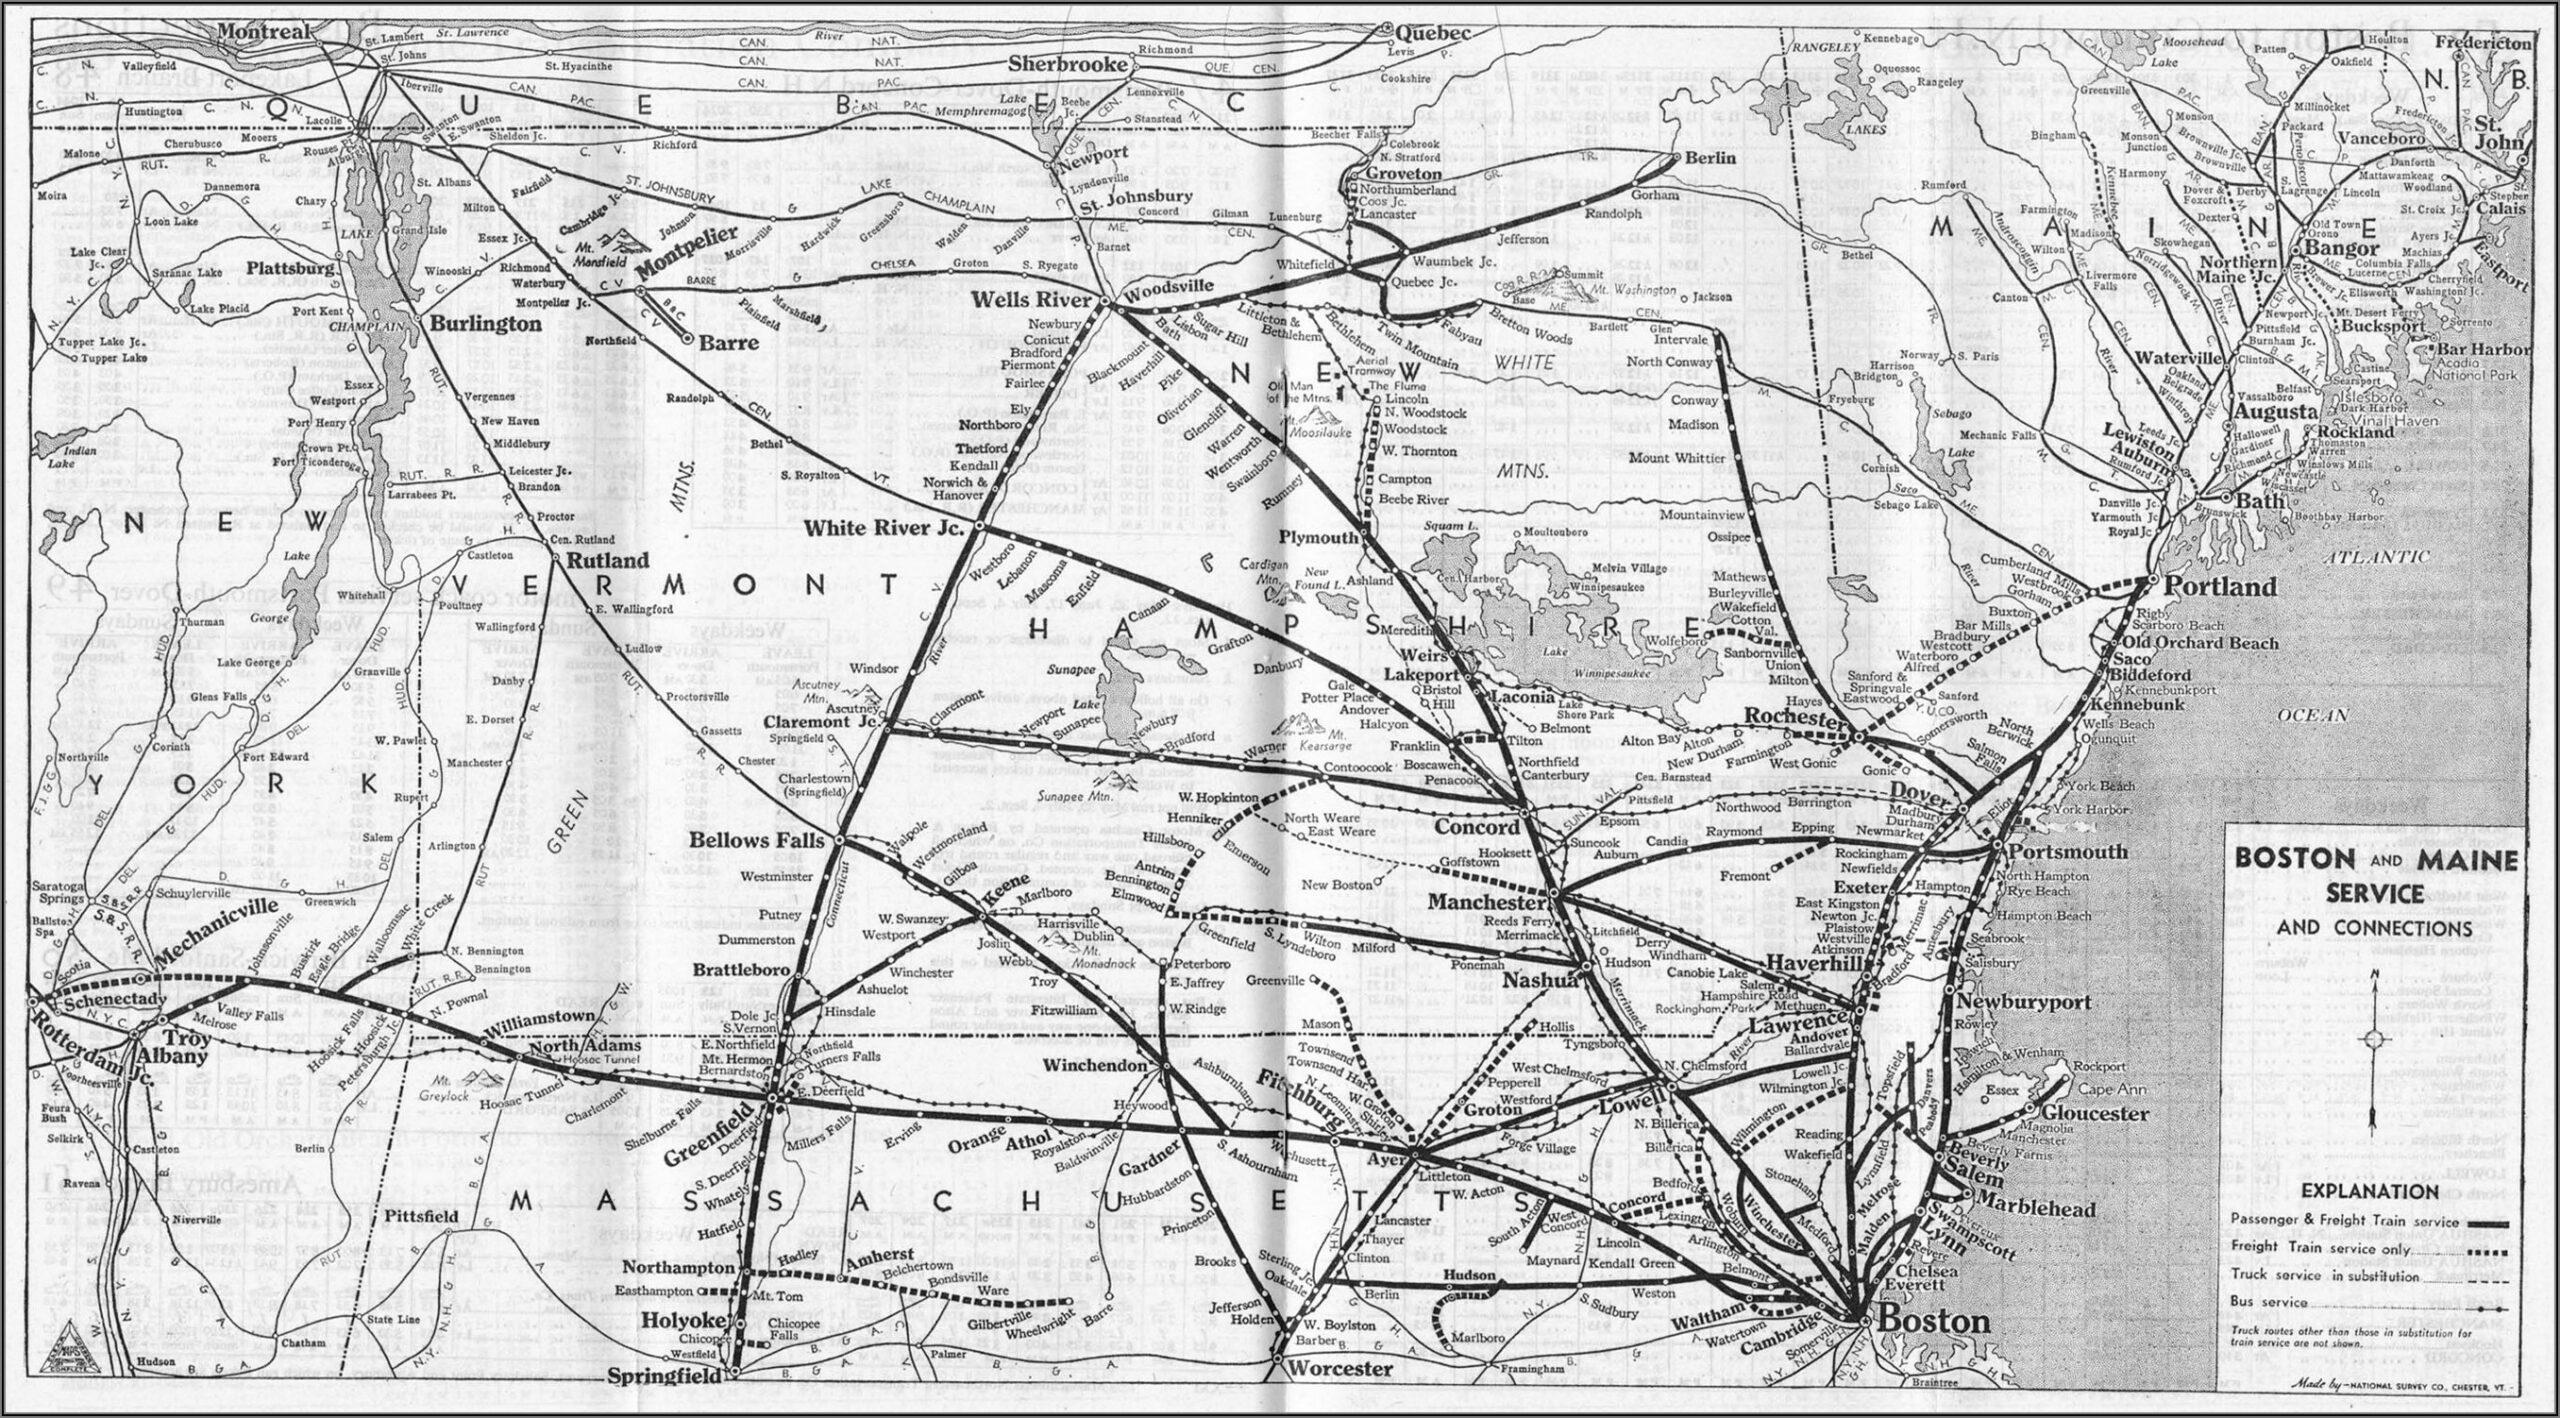 Mbta Commuter Rail Map Worcester